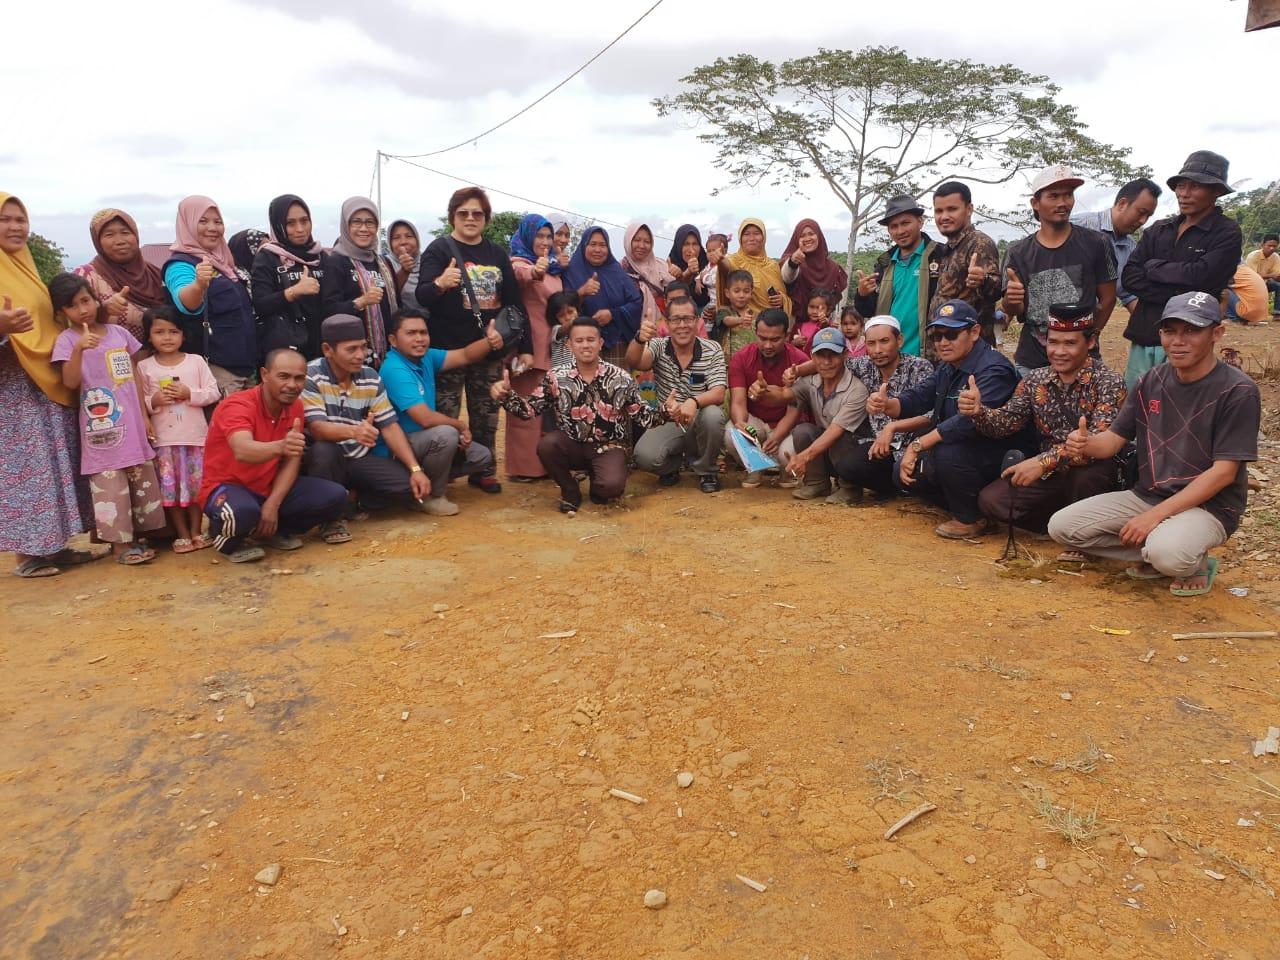 Kementerian Sosial RI Survei Lokasi Program Komunitas Adat Terpencil di Bener Meriah